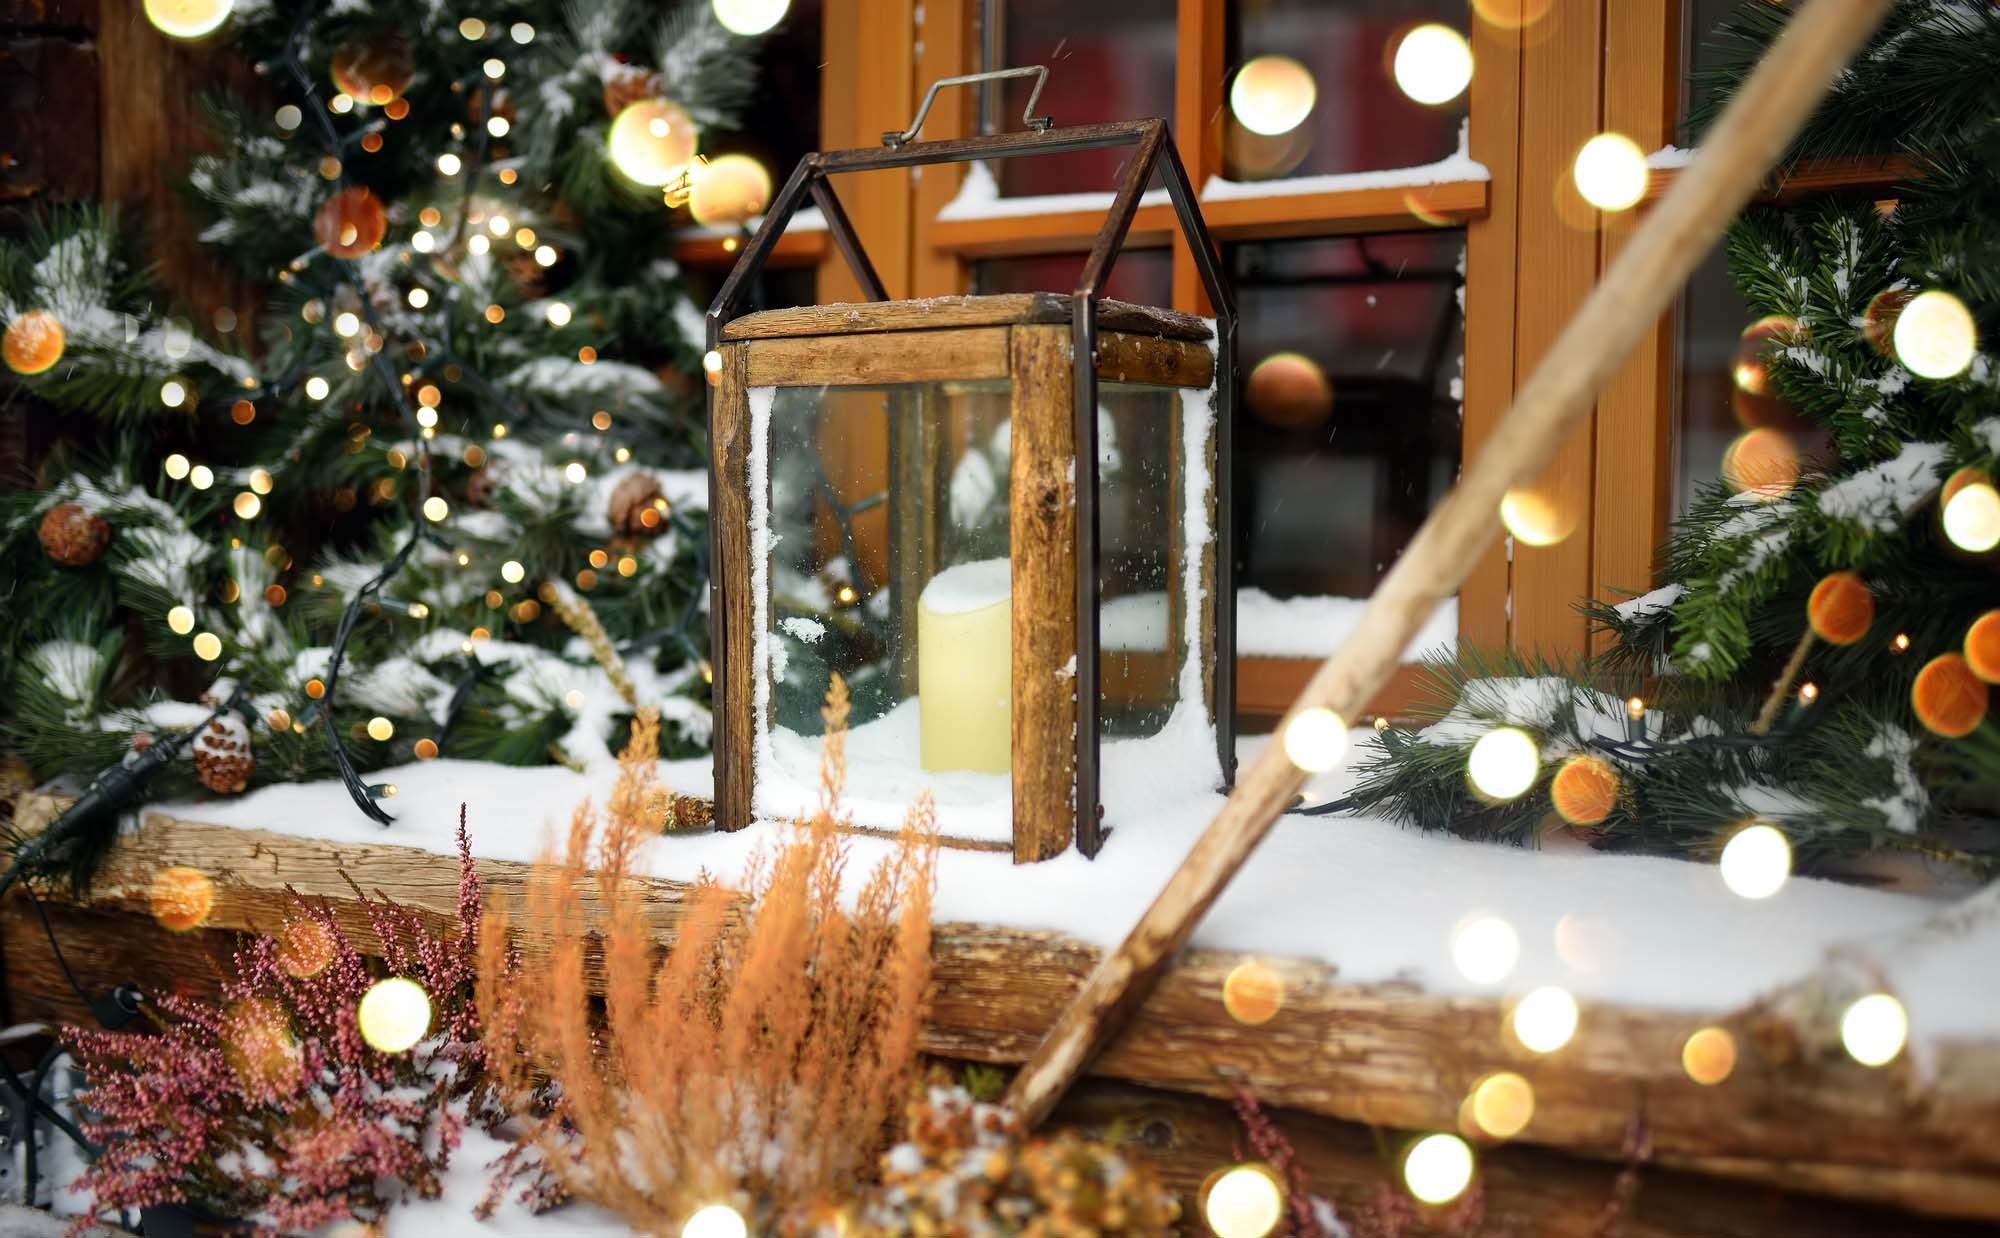 明かりを灯せばクリスマス気分、おうちイルミネーションを作ろう